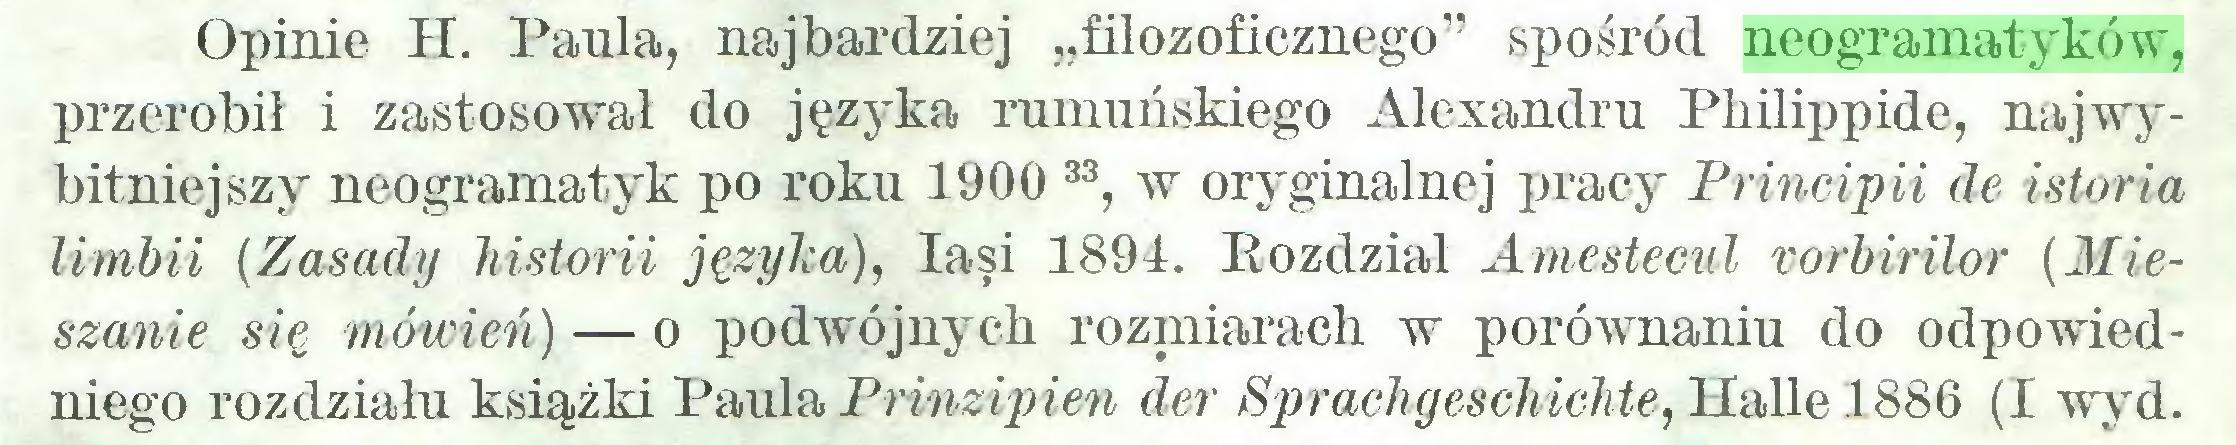 """(...) Opinie H. Paula, najbardziej """"filozoficznego"""" spośród neogramatyków, przerobił i zastosował do języ'ka rumuńskiego Alexandru Philippide, najwybitniejszy neogramatyk po roku 1900 33, w oryginalnej pracy Principii de istoria limbii (Zasady historii języka), łasi 1891. Eozdział Amestecul vorbirïlor (Mieszanie się mówień) — o podwójnych rozmiarach w porównaniu do odpowiedniego rozdziału książki Paula Prinzipien der Sprachgeschichte, Halle 1886 (I wyrd..."""